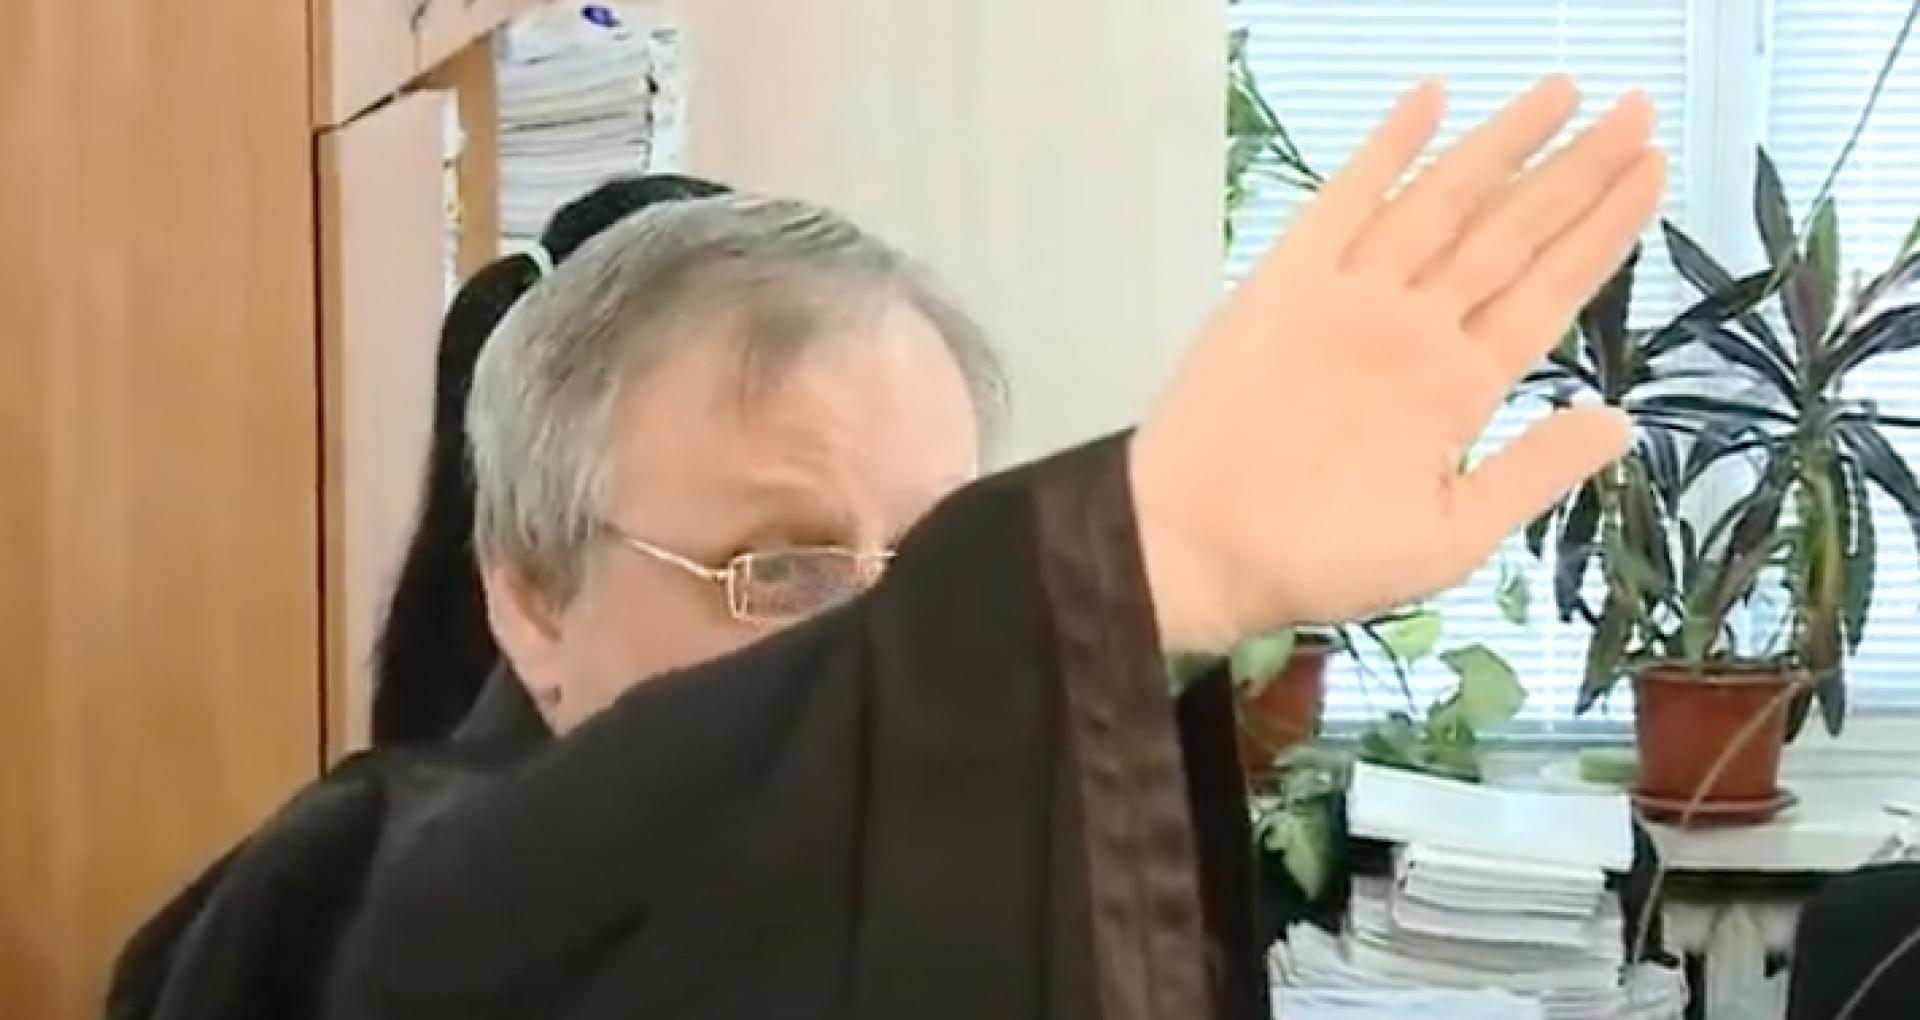 DOC/ Președinta Sandu a semnat decretul de eliberare din funcția de judecător a lui Serghei Lazari, magistratul vestit pentru că își ascundea fața în timpul proceselor de judecată